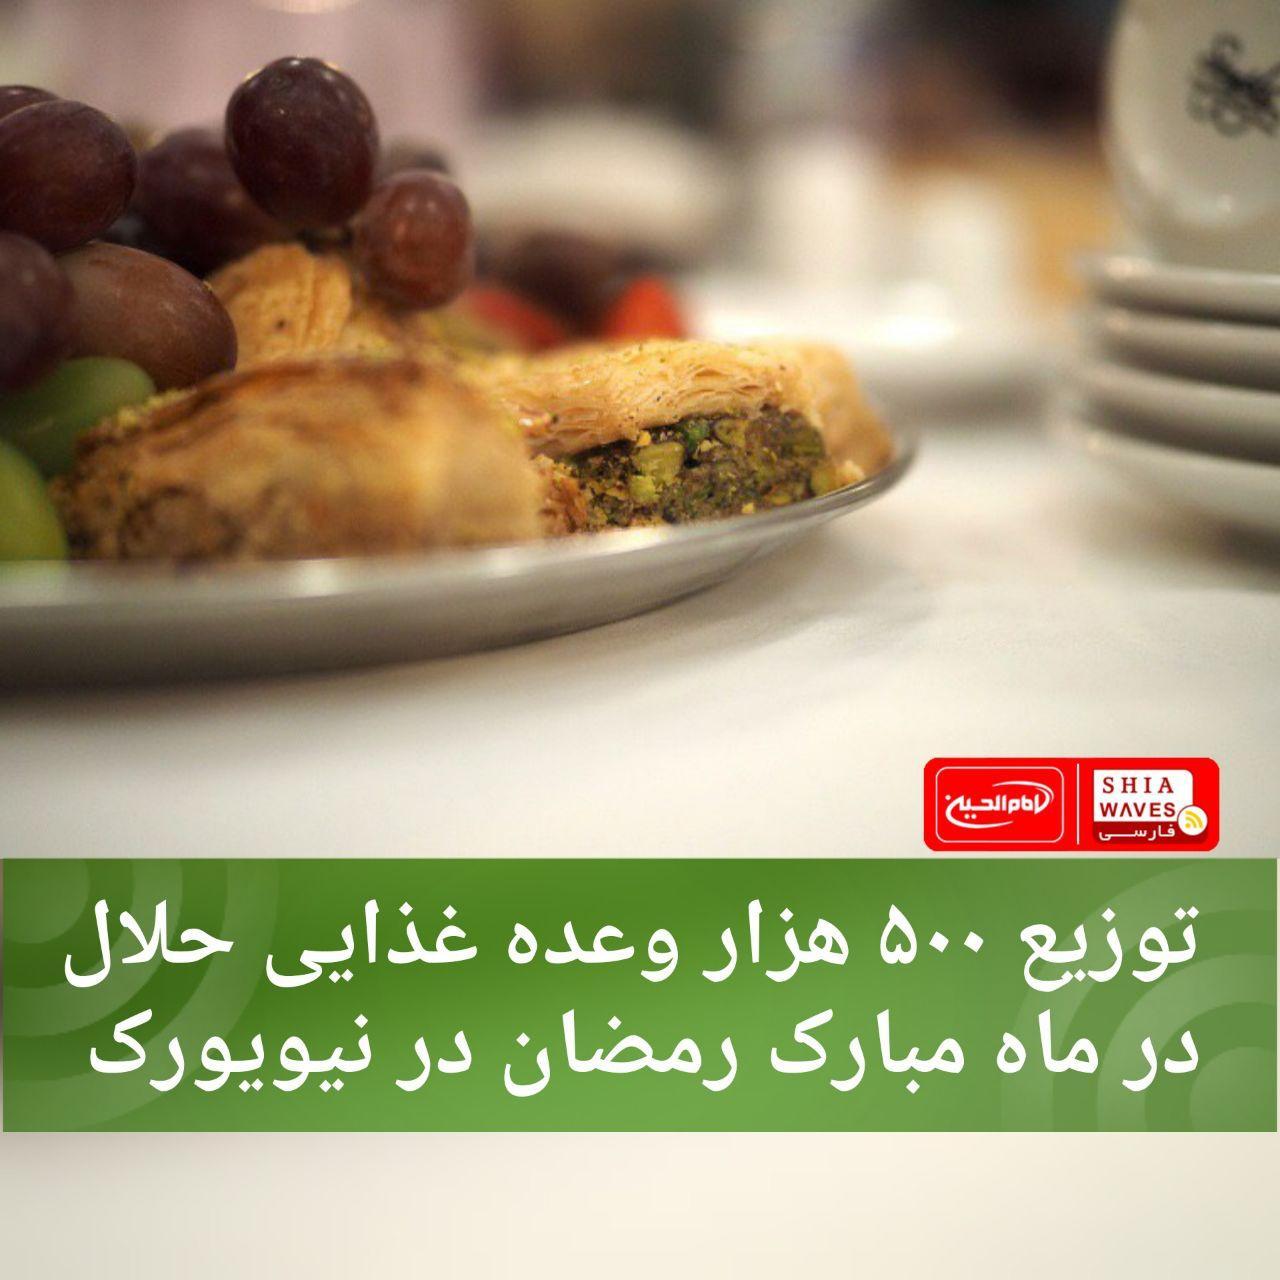 Photo of توزیع ۵۰۰ هزار وعده غذایی حلال در ماه مبارک رمضان در نیویورک